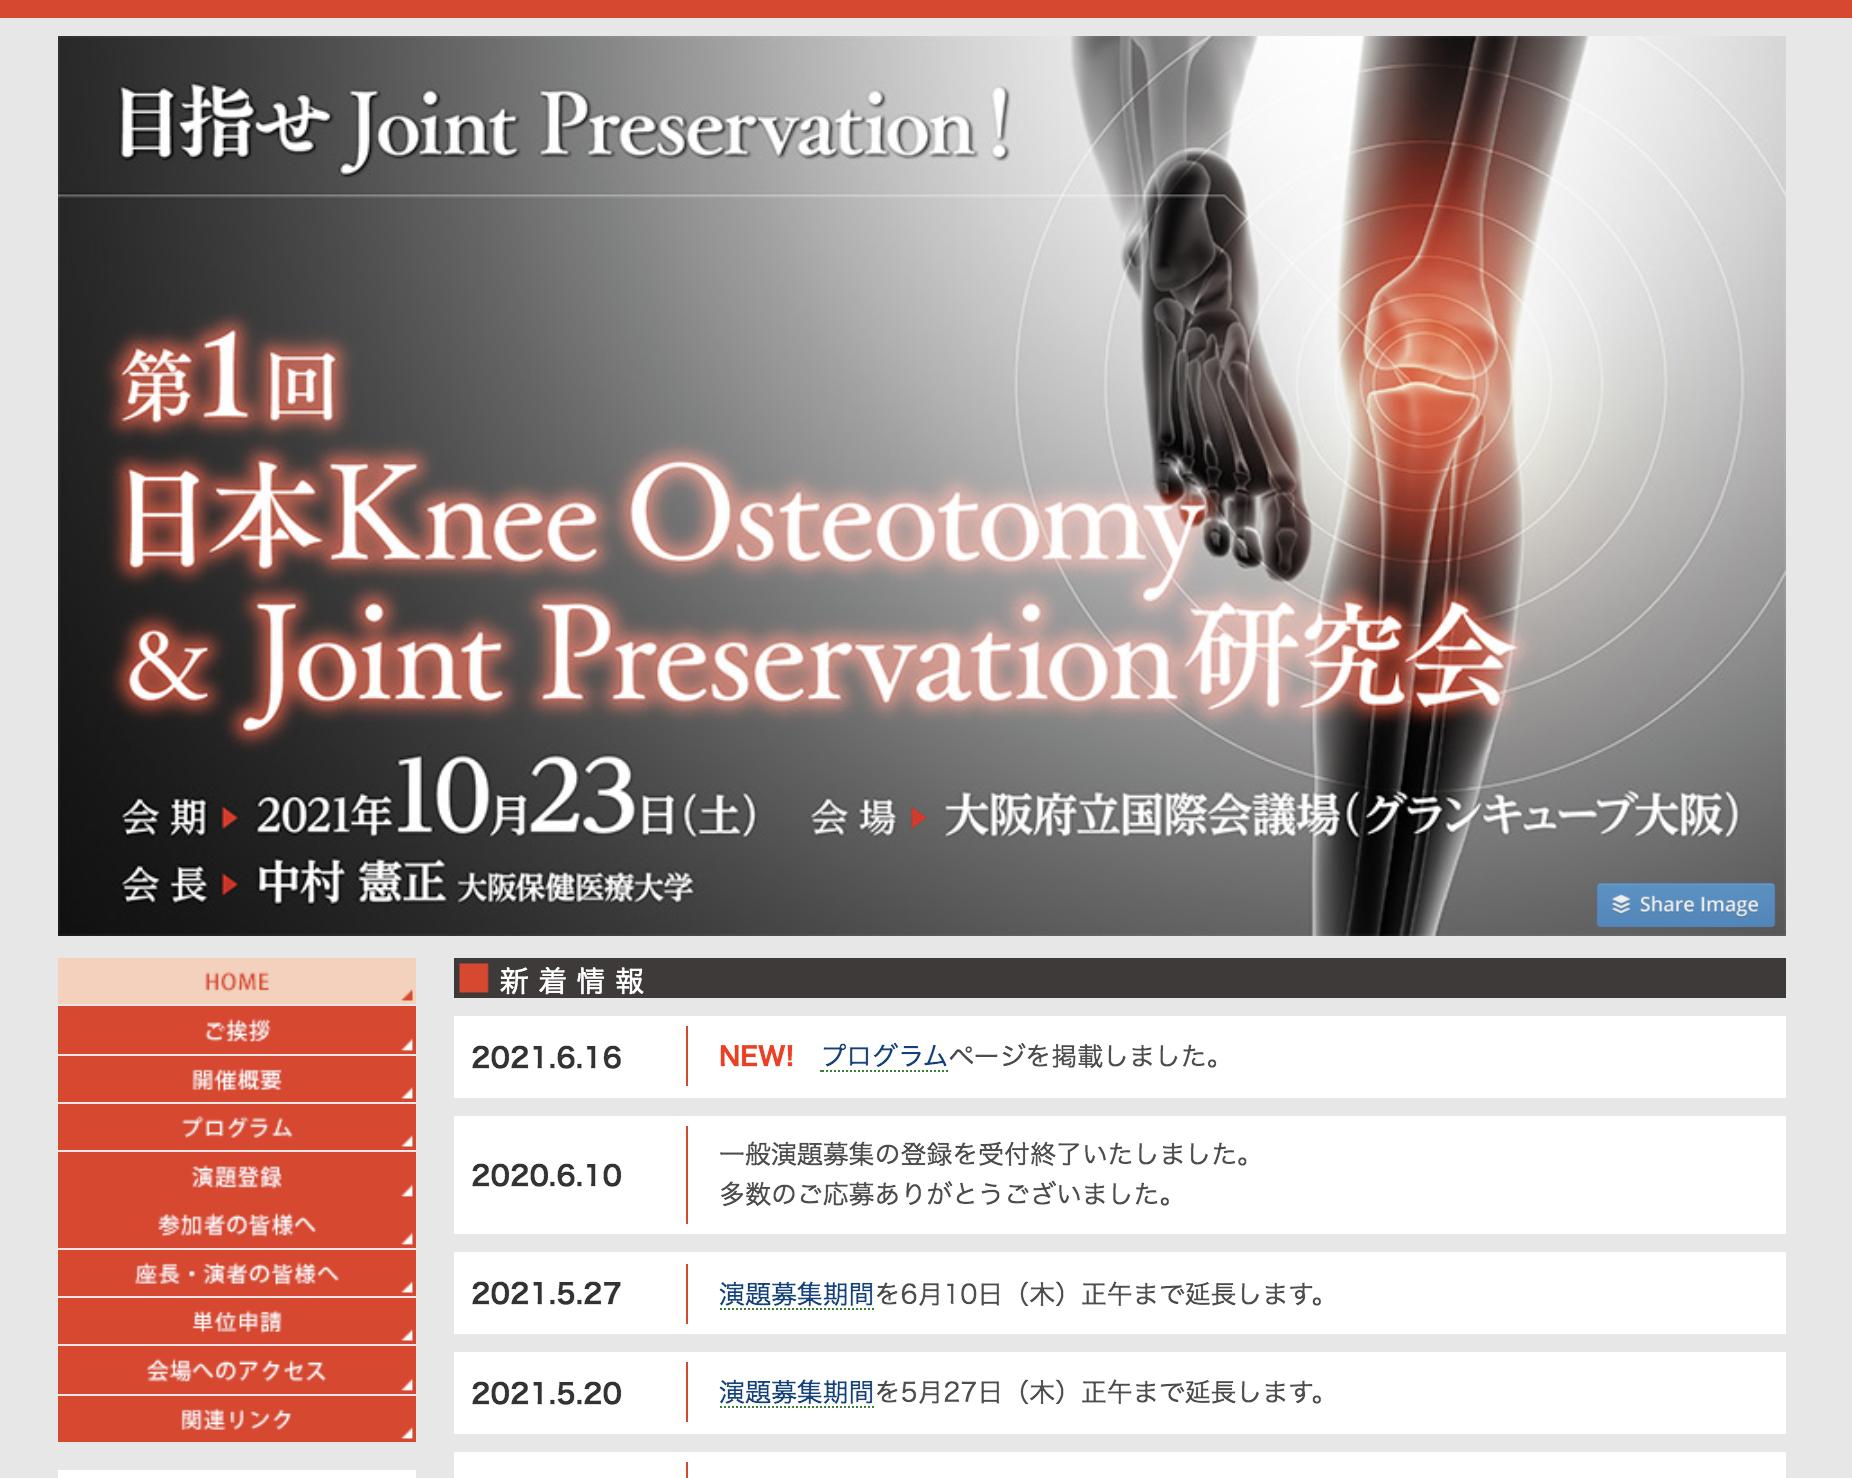 ひざ専門の整形外科医の研究会で大鶴院長が講演を行います